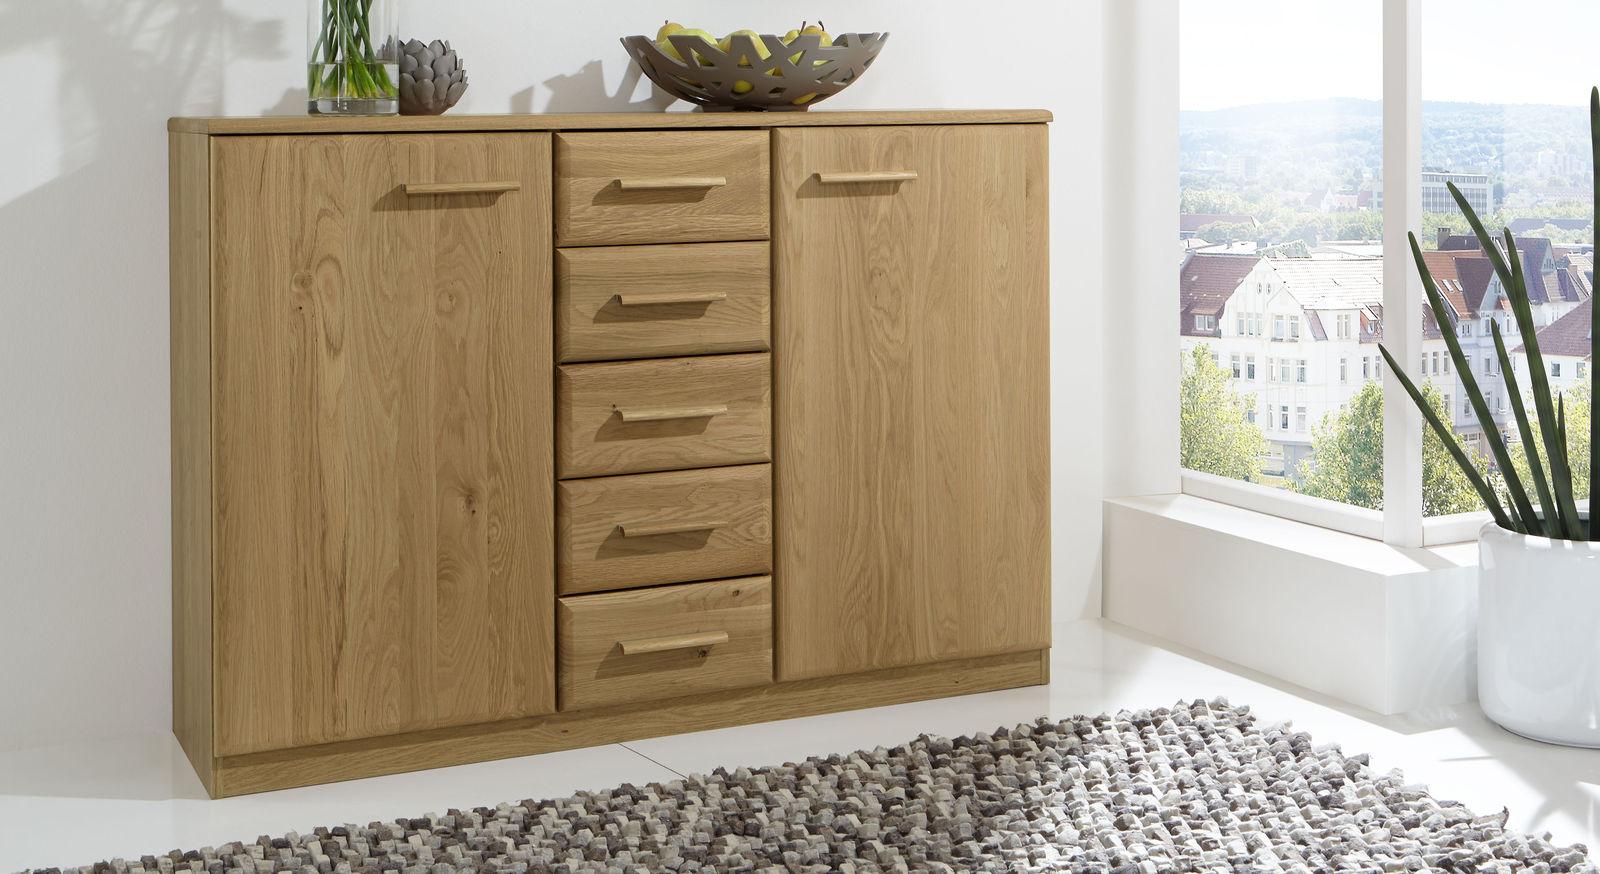 kombi kommode in eiche mit schubladen und schrankf chern temir. Black Bedroom Furniture Sets. Home Design Ideas